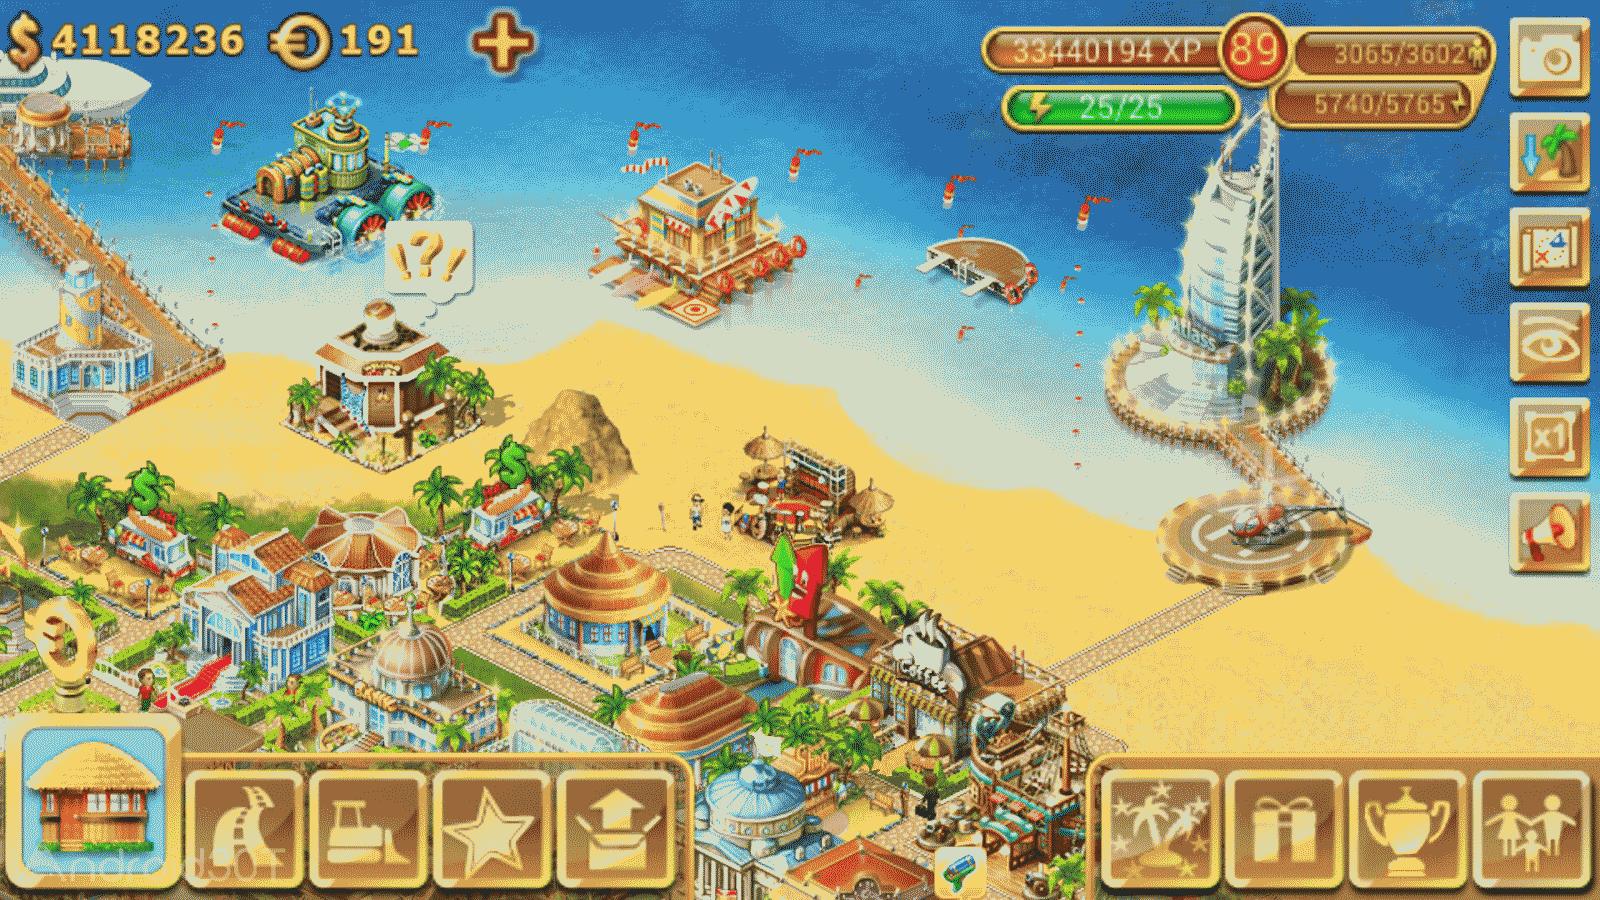 دانلود Paradise Island 4.0.8 – بازی جزیره بهشتی اندروید